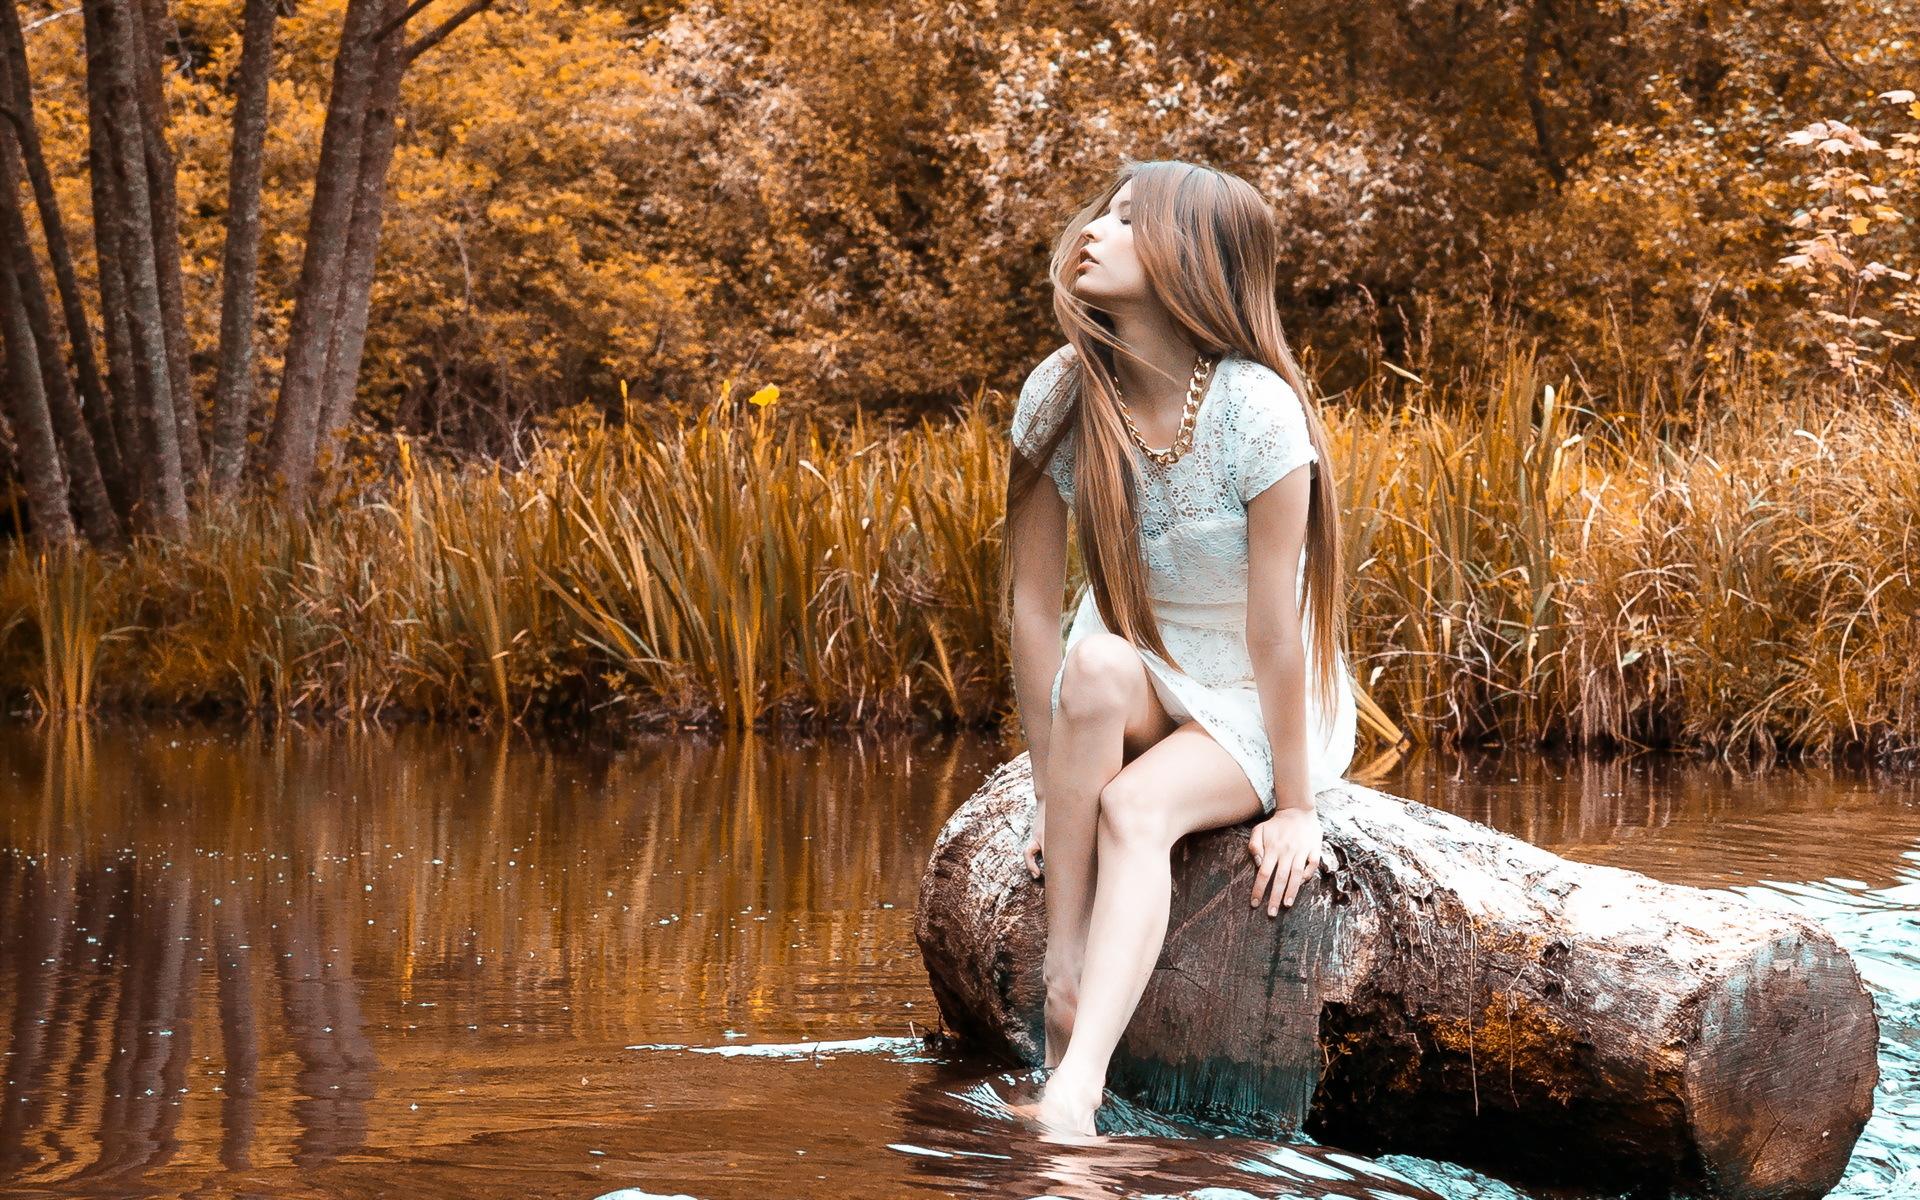 девка у реки видео - 12